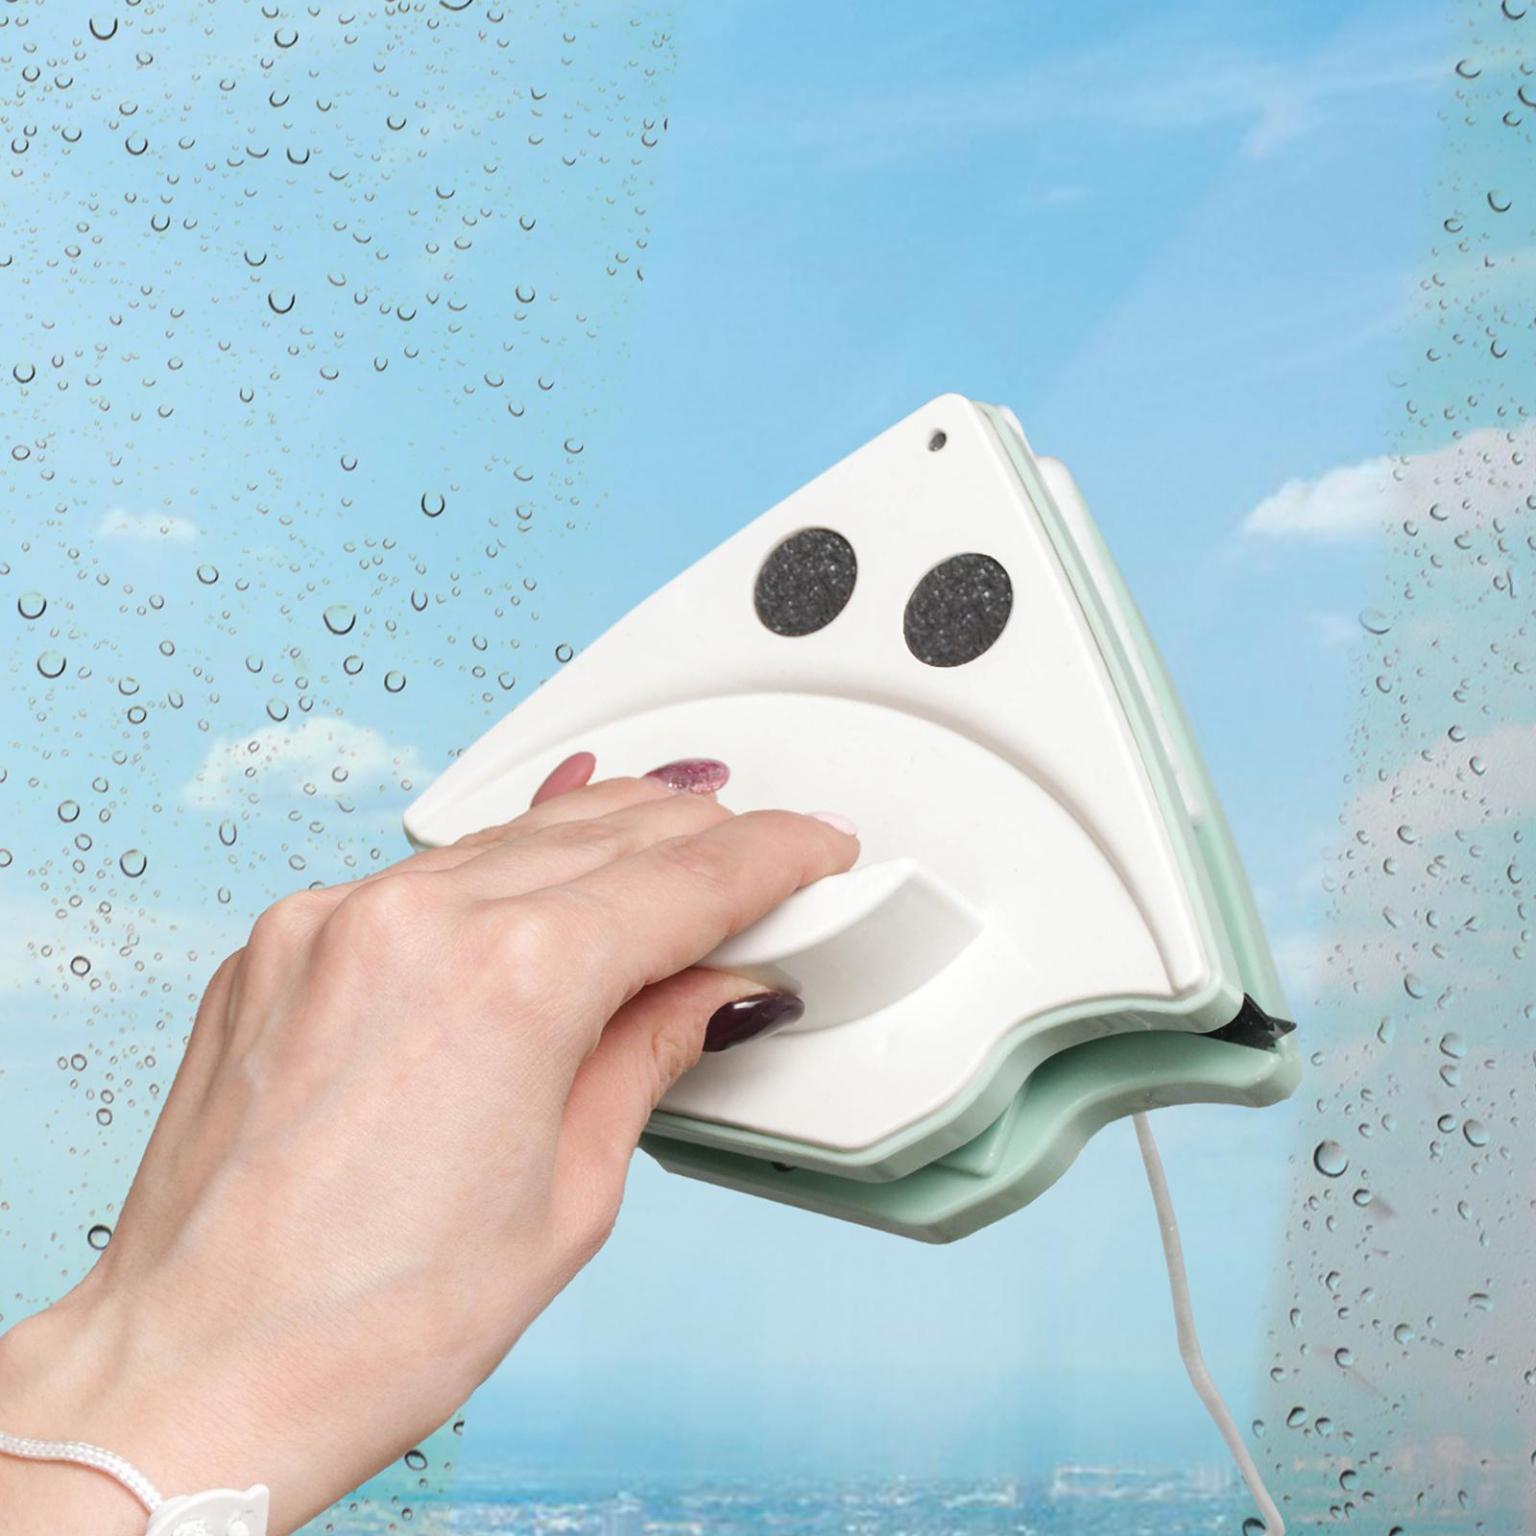 Магнитная щётка для мытья окон с двух сторон, с водосгоном, 15-26 мм